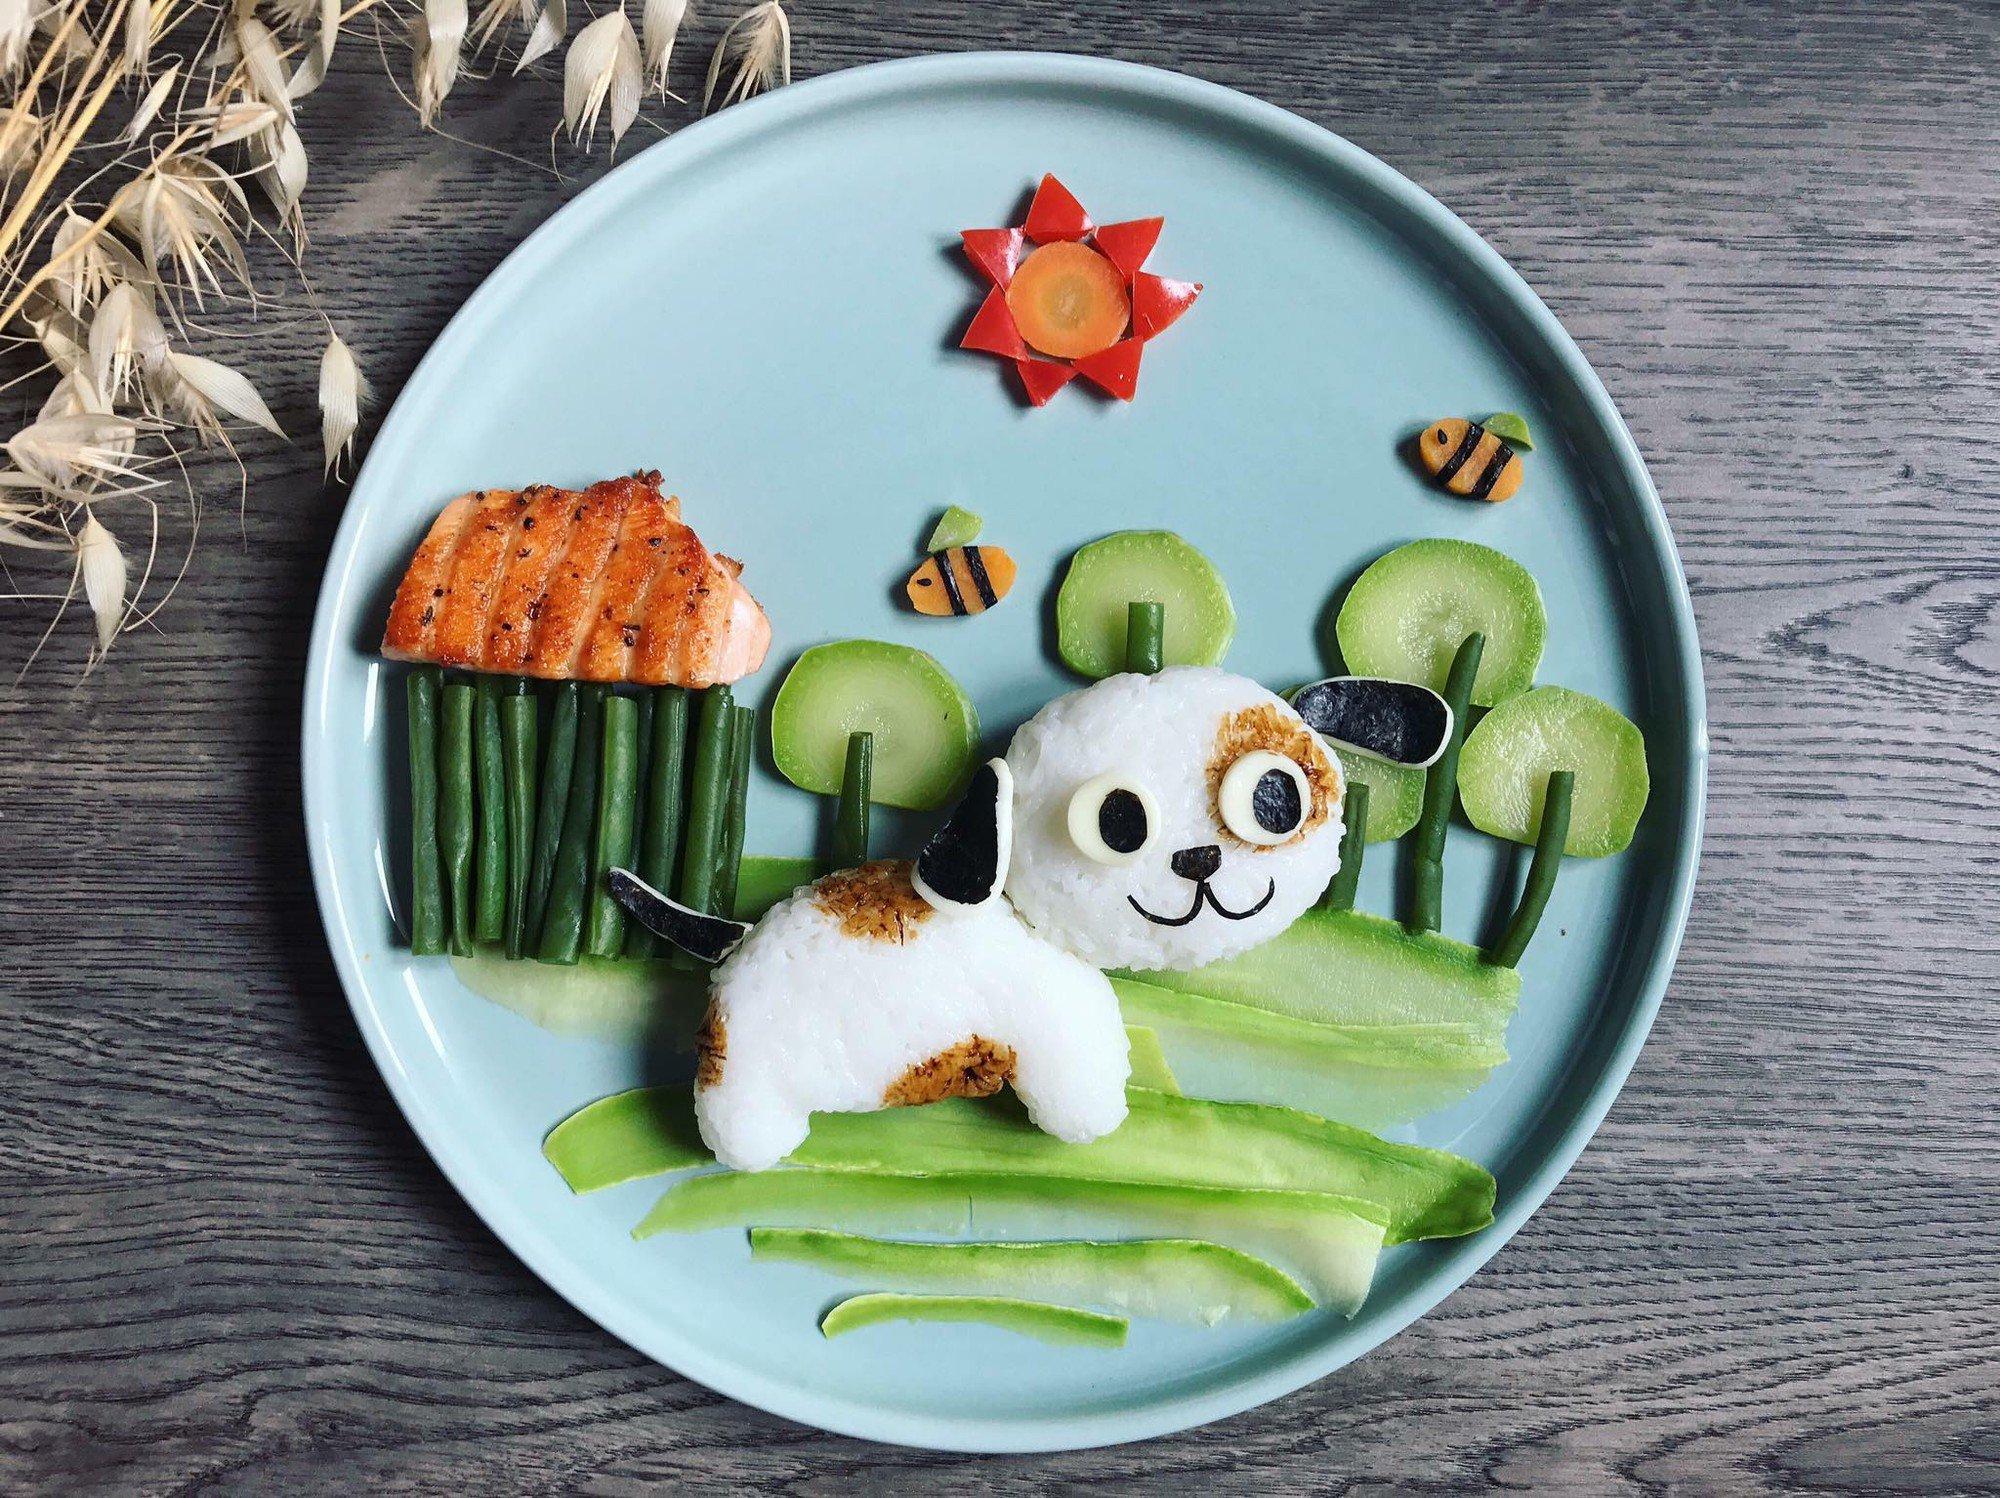 Chùm ảnh: Bà mẹ trẻ mỗi ngày vẽ một bức tranh bằng thức ăn cho con, không ngày nào bị lặp ý tưởng mới tài - Ảnh 30.